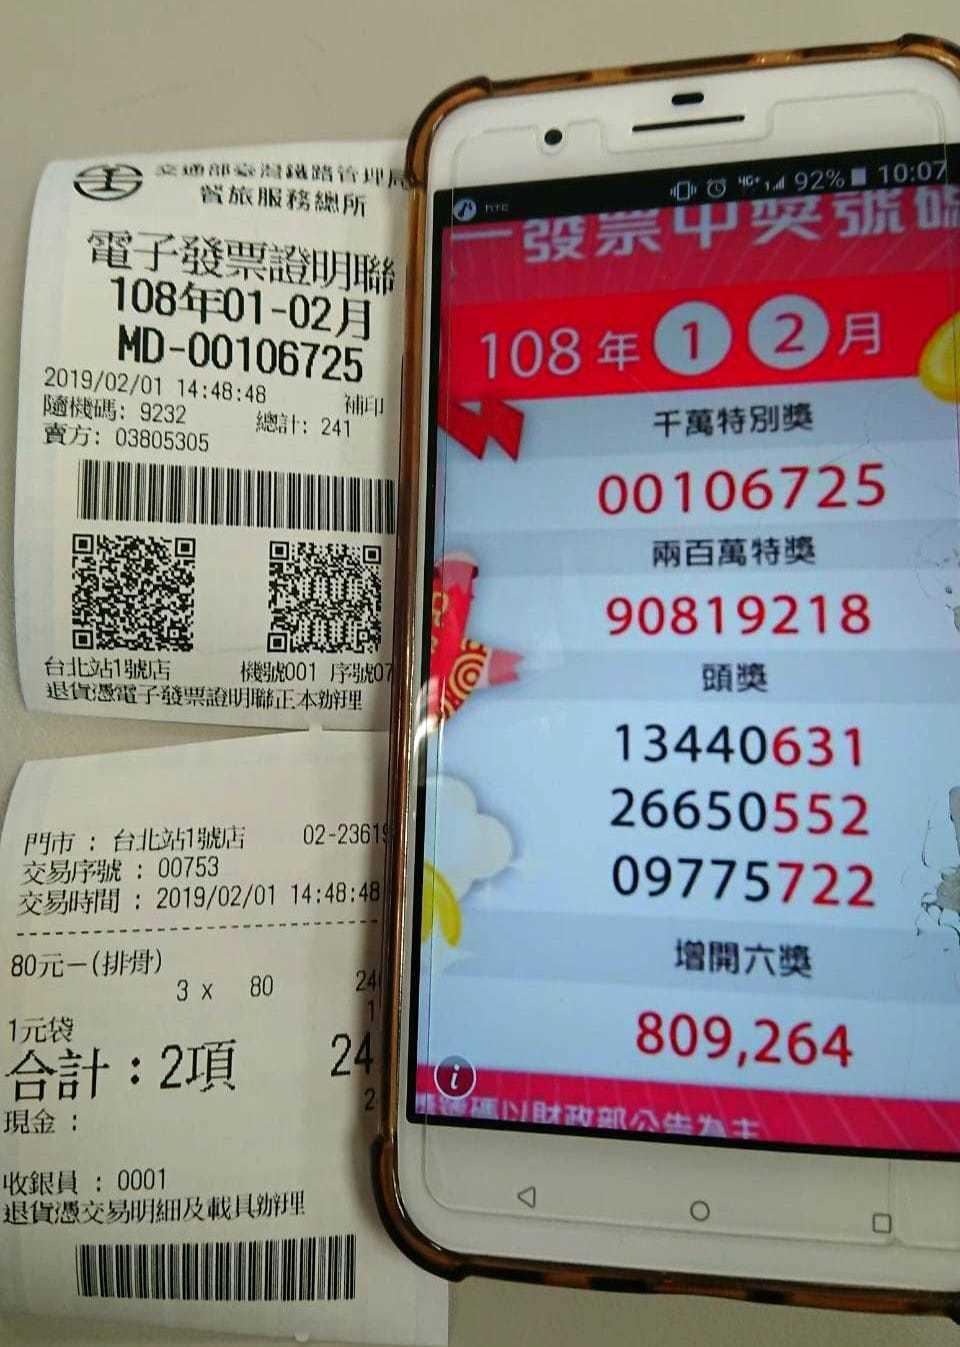 2月1日下午在台北車站買三個排骨便當的民眾,中了千萬大獎。圖/取自臉書粉專fun...